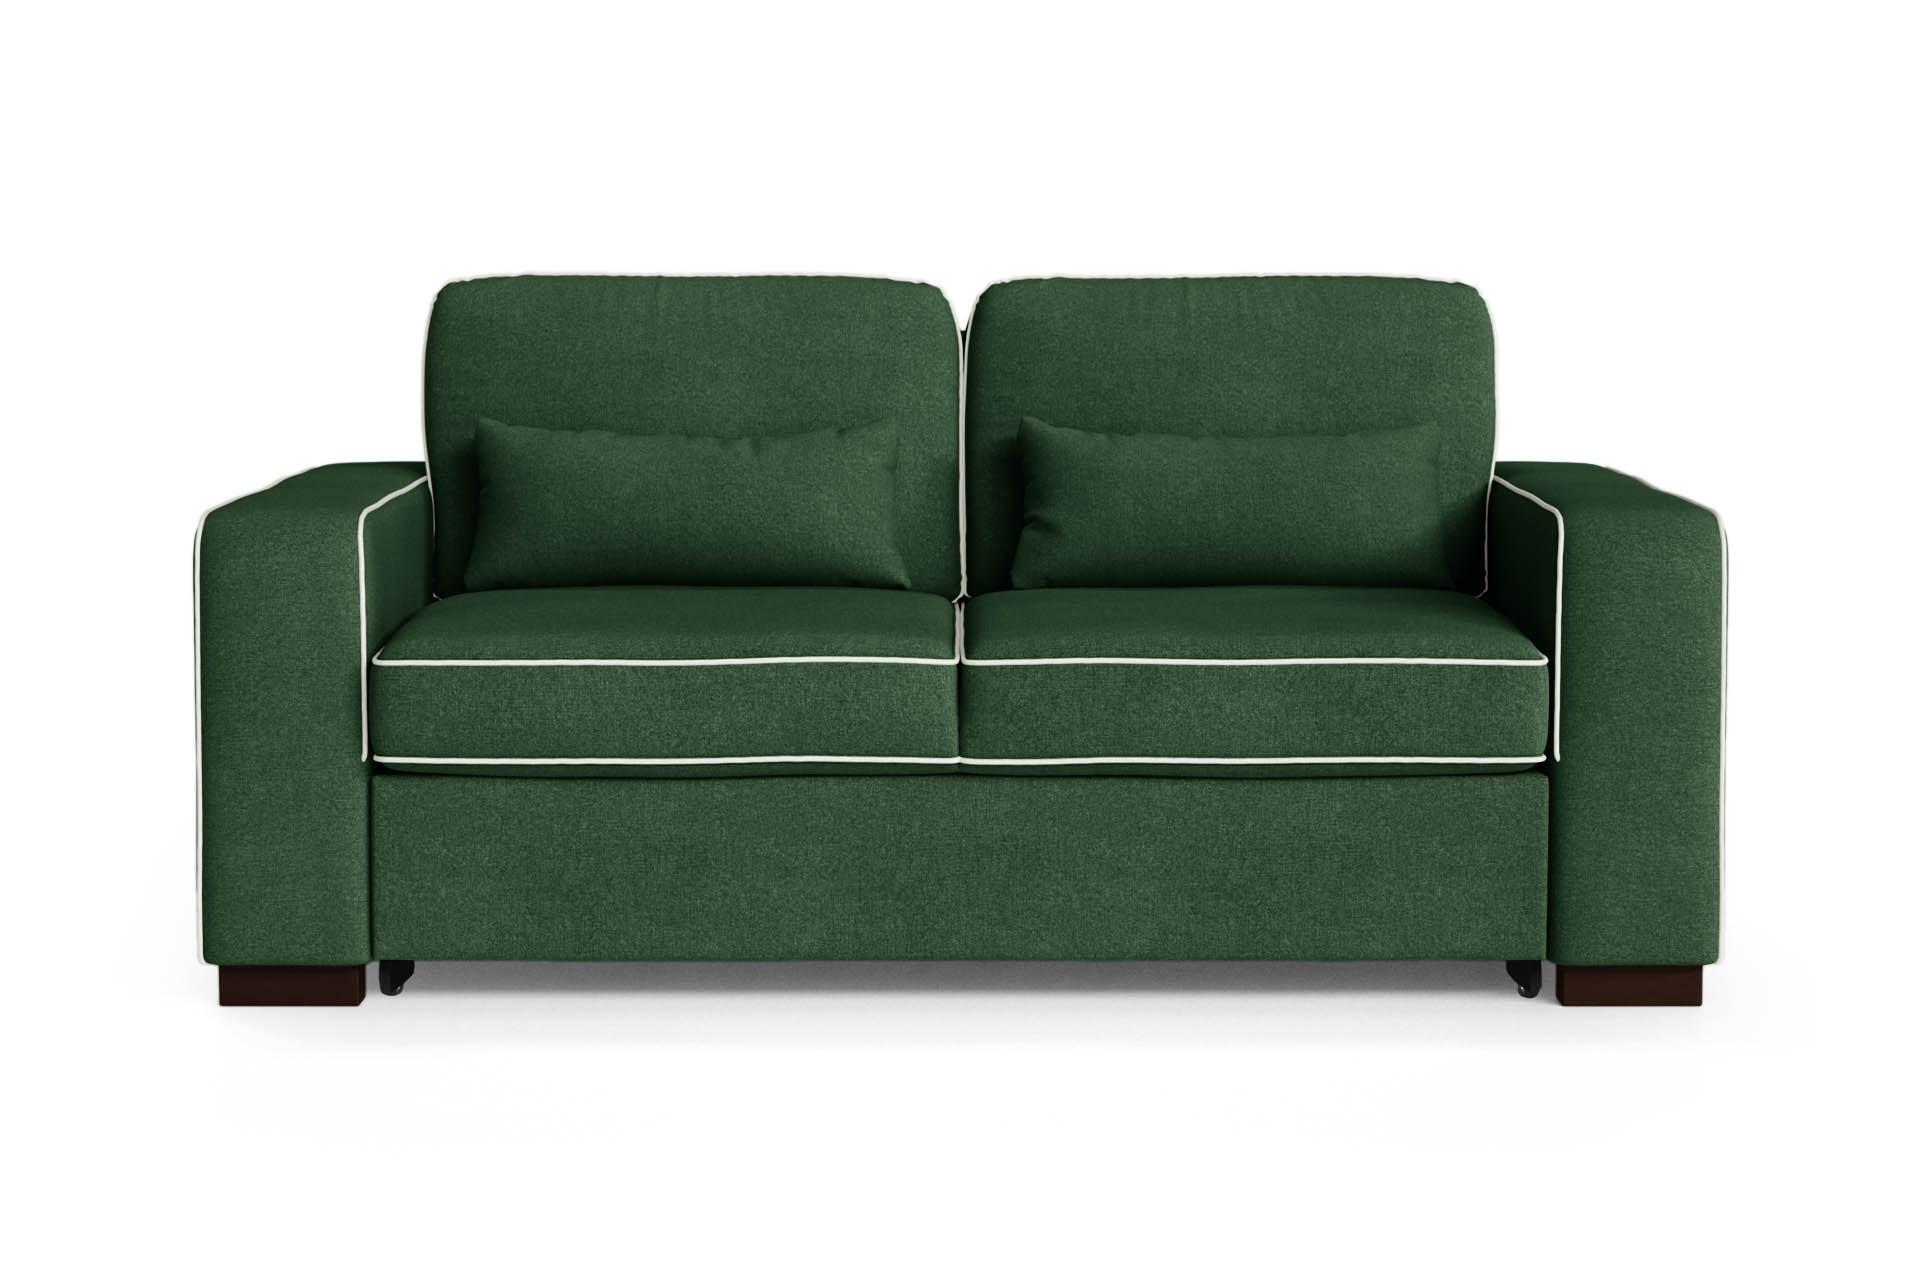 Canapé convertible 2 places toucher coton vert bouteuille/gris clair